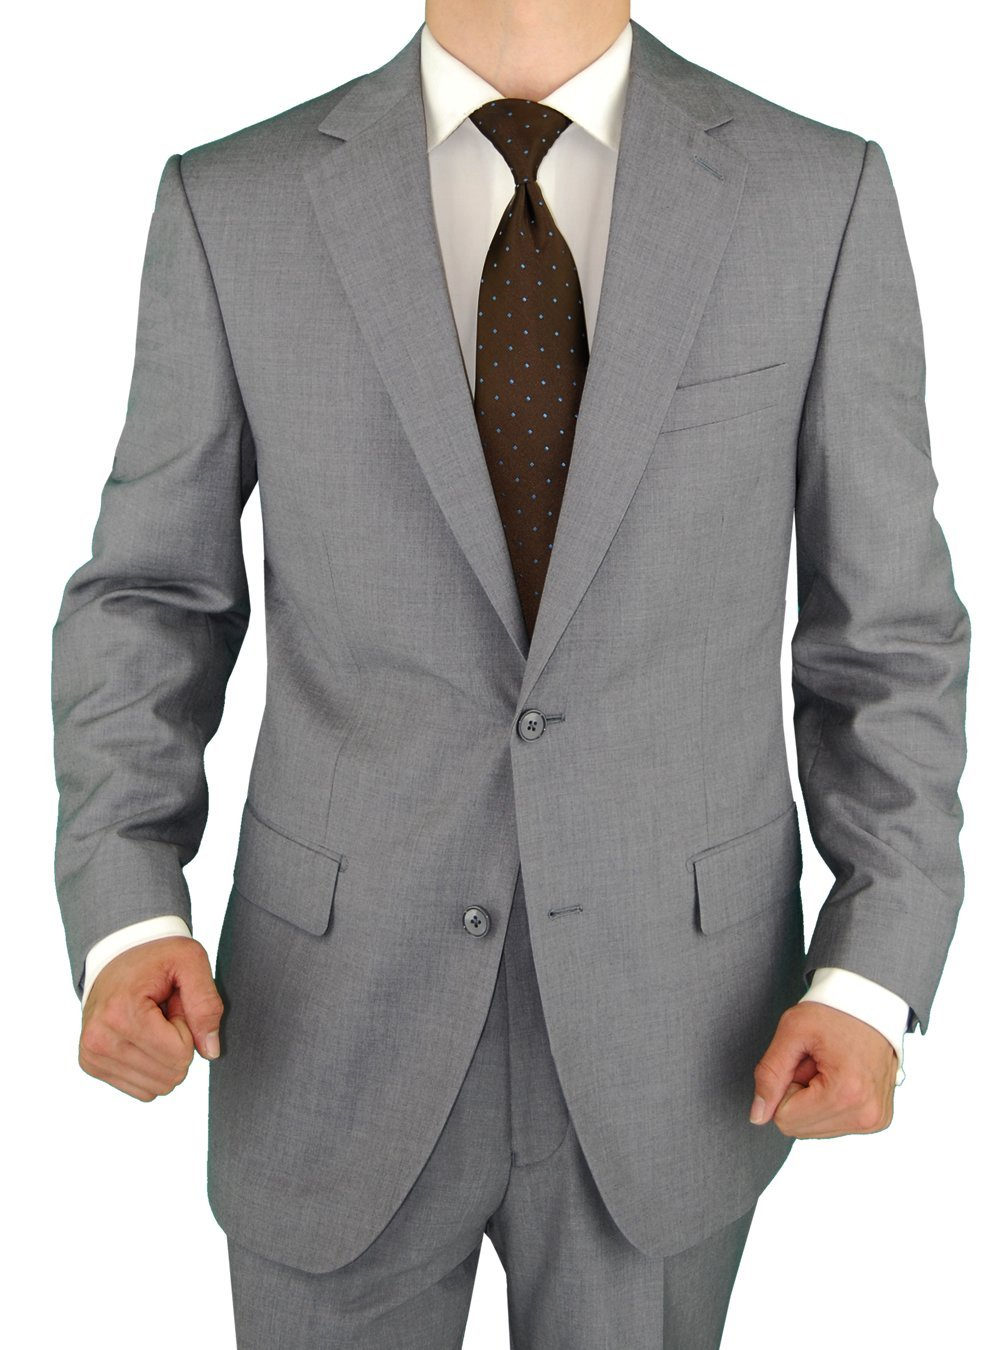 [해외]2016 새로운 신랑 턱시도 신랑 들러리 사용자 정의 만든 2 버튼 사이드 통풍구 슬림 맞는 최고의 남자 정장 웨딩 정장 (자켓 + 바지)/2016 New Groom Tuxedos Groomsmen Custom Made 2 Button Side Vent Slim